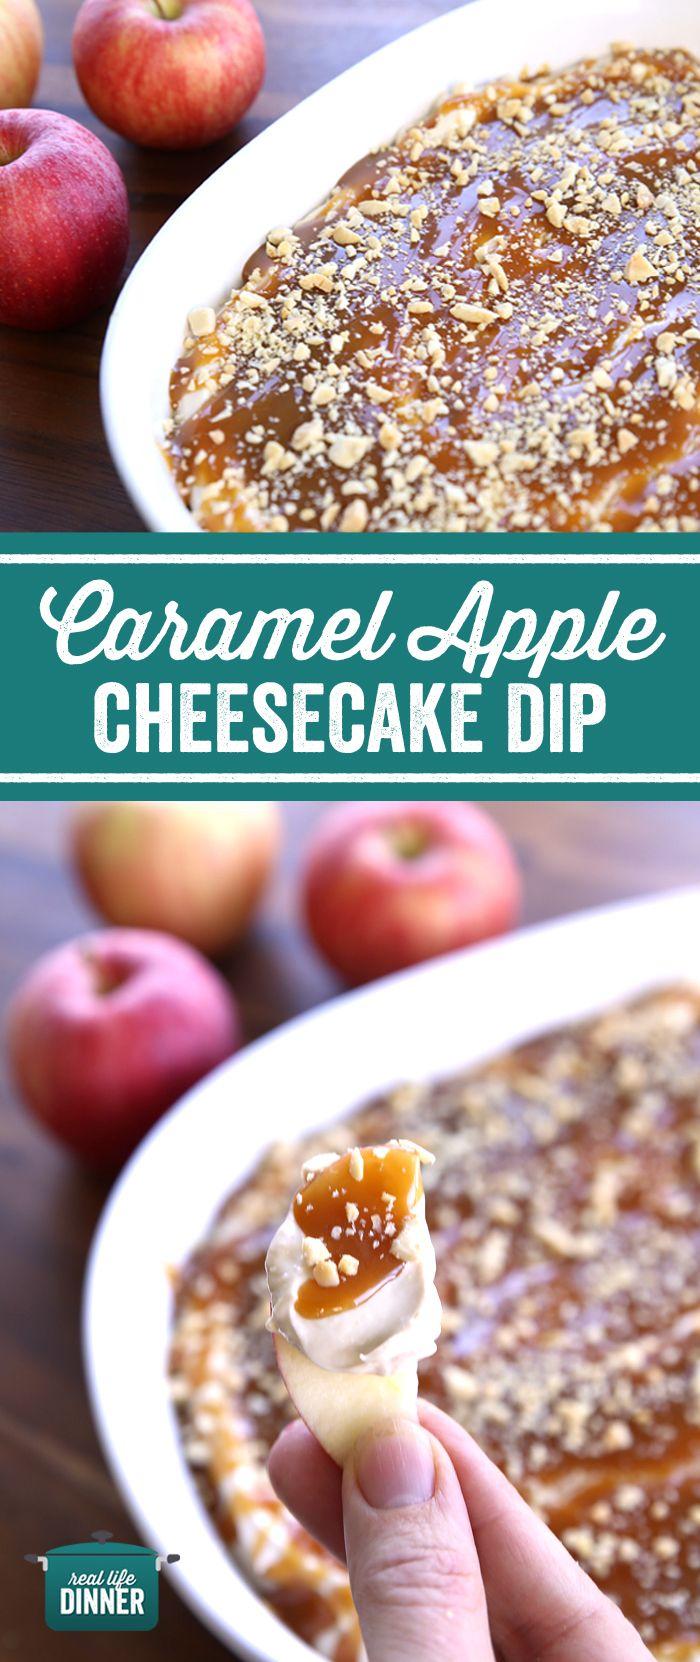 Caramel Apple Cheesecake Dip. Seasonal Favorite! #appledip #caramel #apple #dip #fall #desserts #creamcheese #reallifedinner #recipe #applerecipe #healthy #glutenfree ~ https://reallifedinner.com